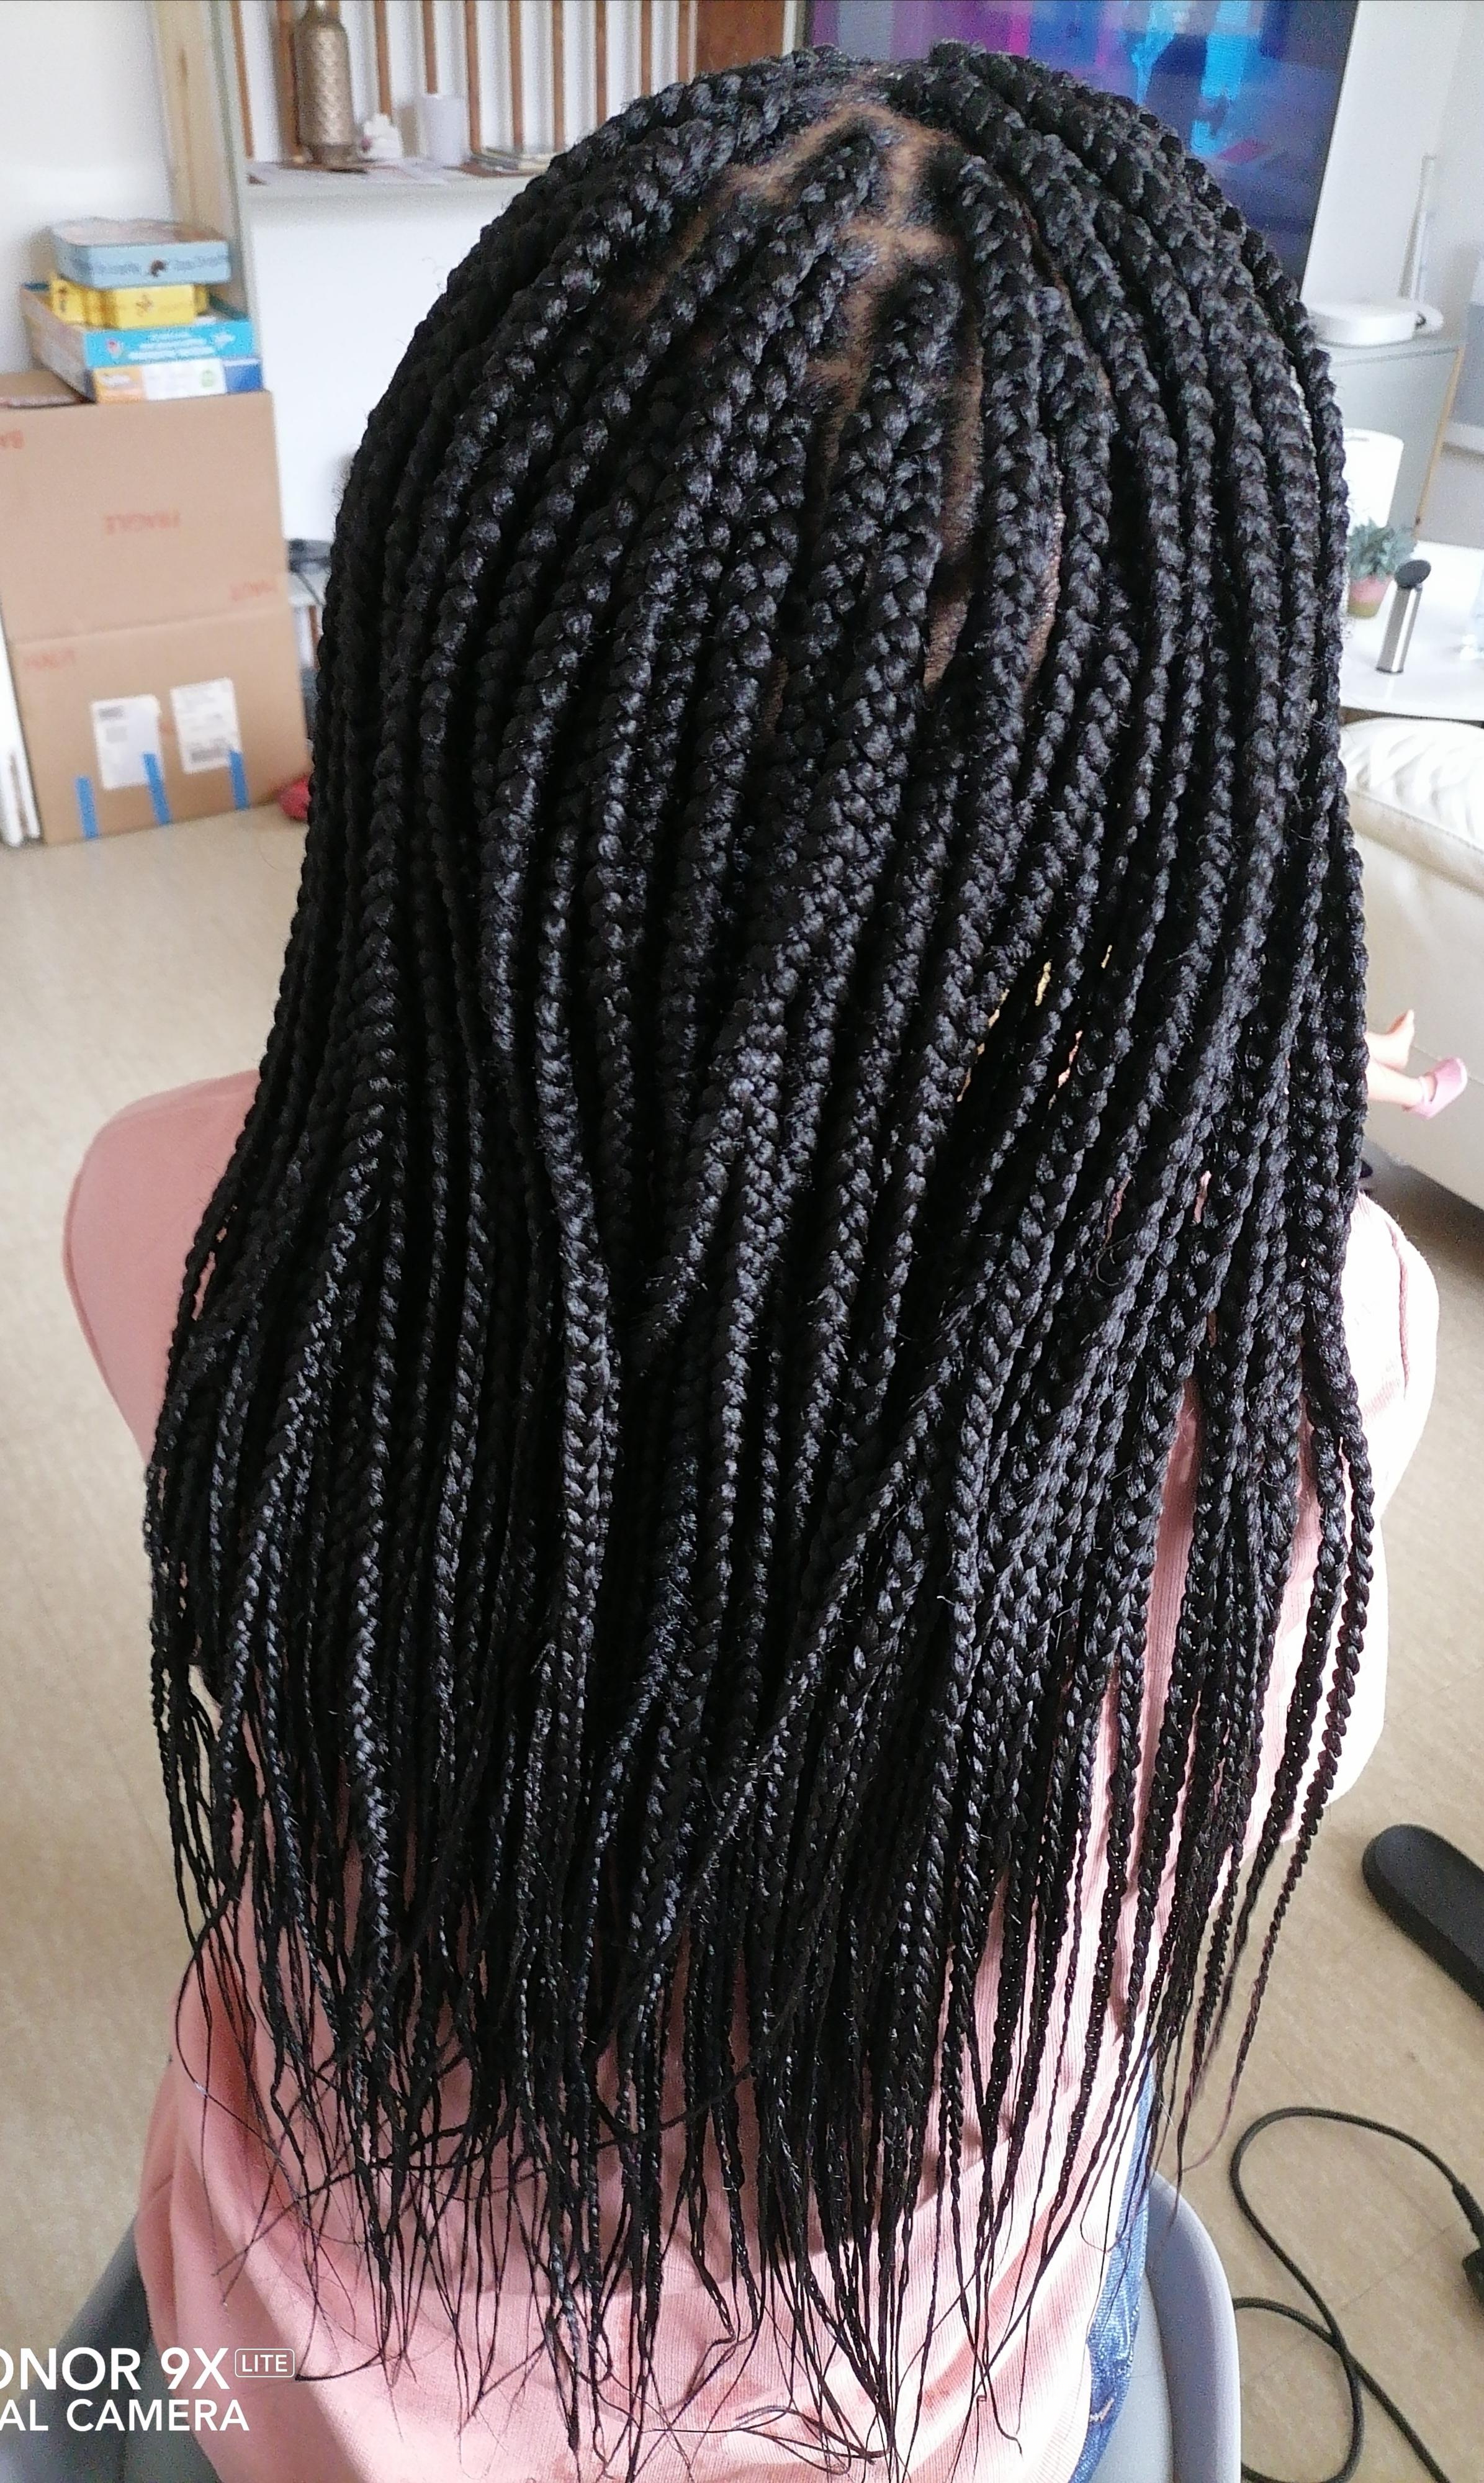 salon de coiffure afro tresse tresses box braids crochet braids vanilles tissages paris 75 77 78 91 92 93 94 95 AXMLENEH